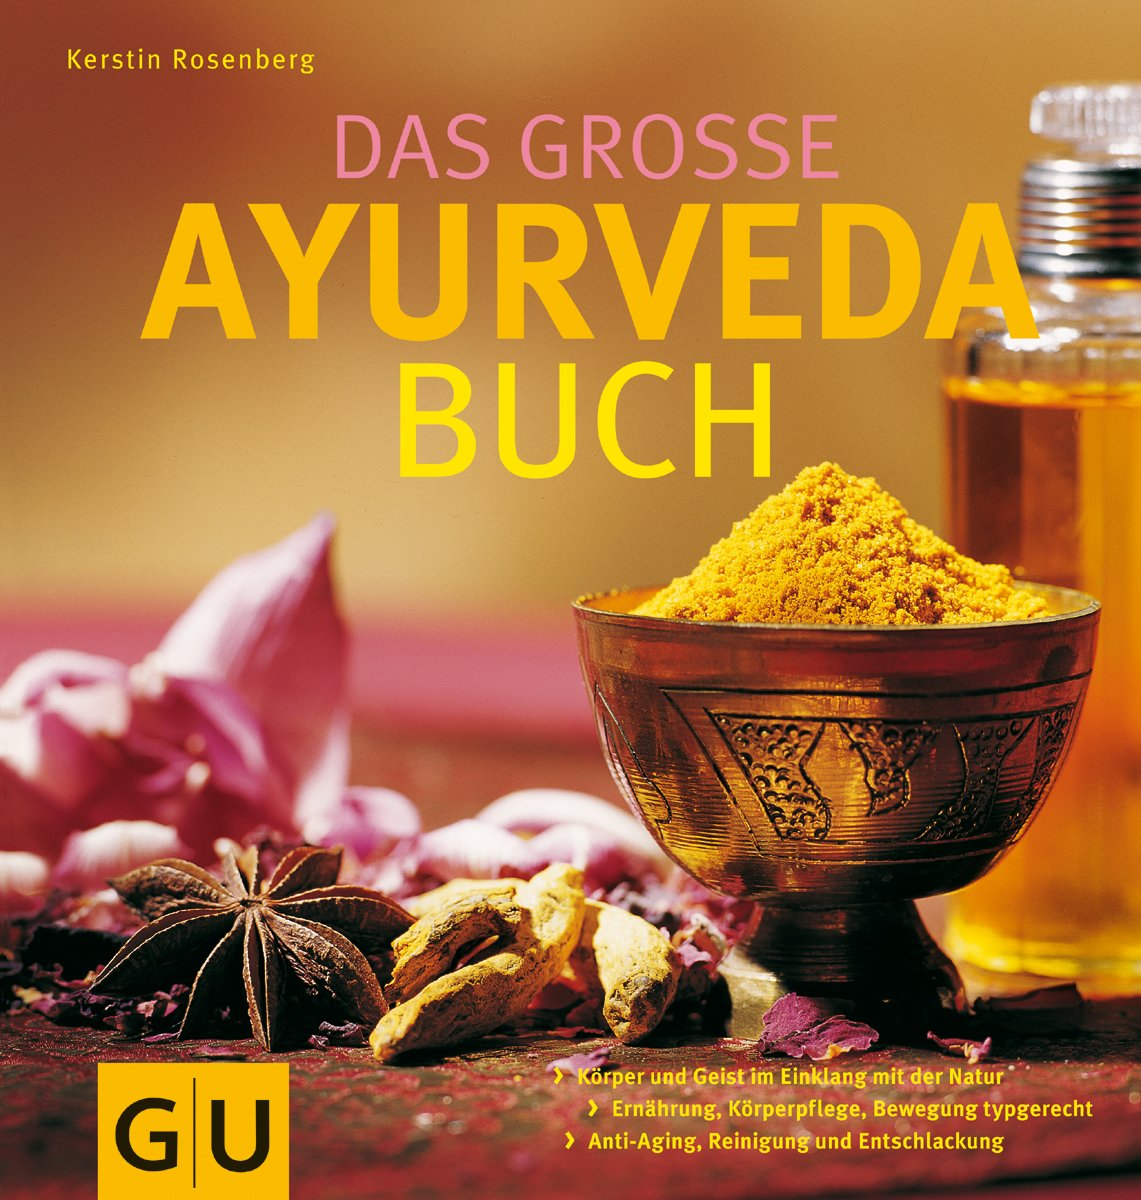 Das Grosse Ayurveda Buch